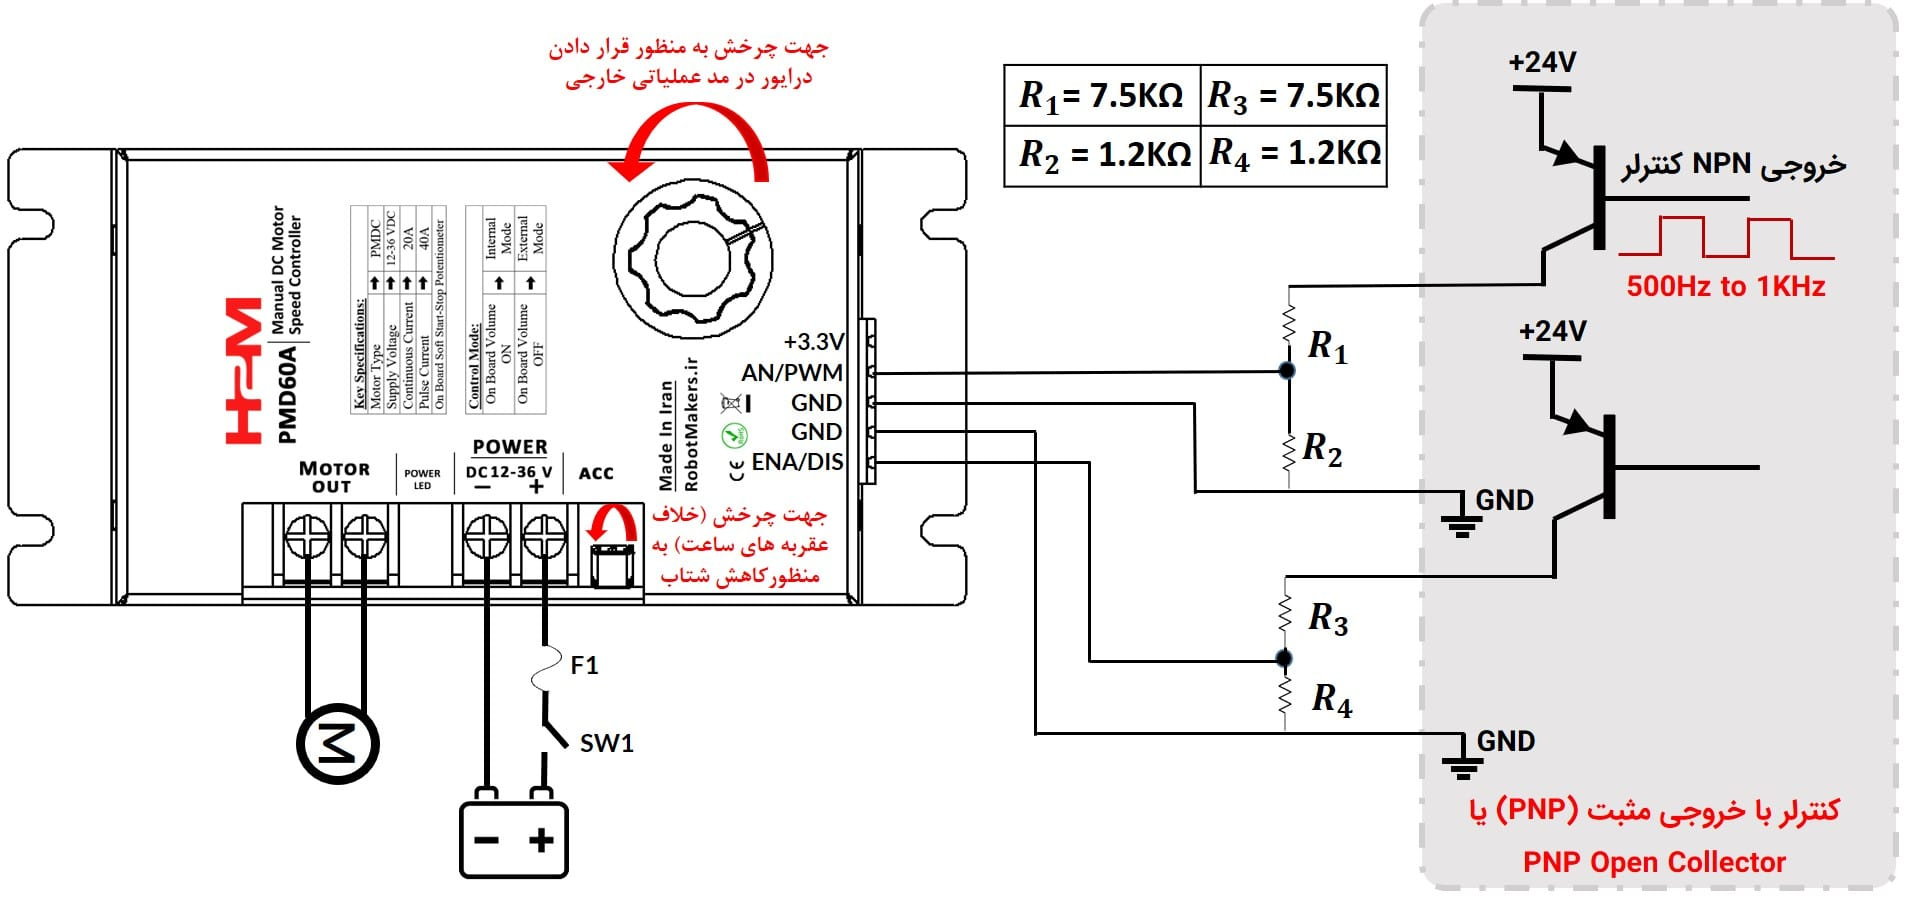 شکل ۱۰: کنترل درایور از طریق پالس PWM به وسیله PLC با خروجی PNP